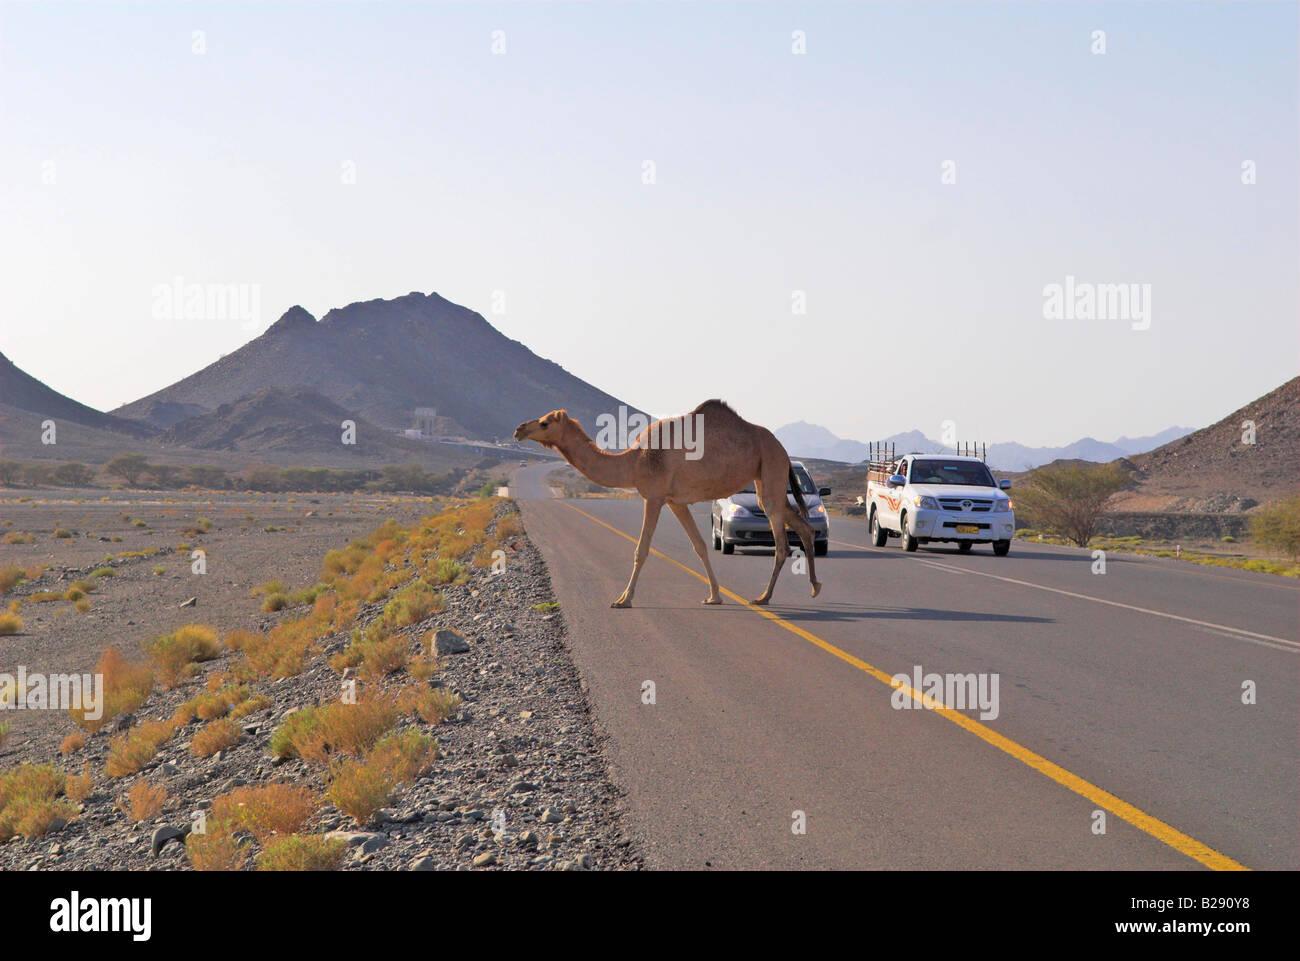 Camel traverse la route Wahiba Sands Date 12 03 2008 réf: ZB917 1111530033 CRÉDIT OBLIGATOIRE Sem Photo Stock